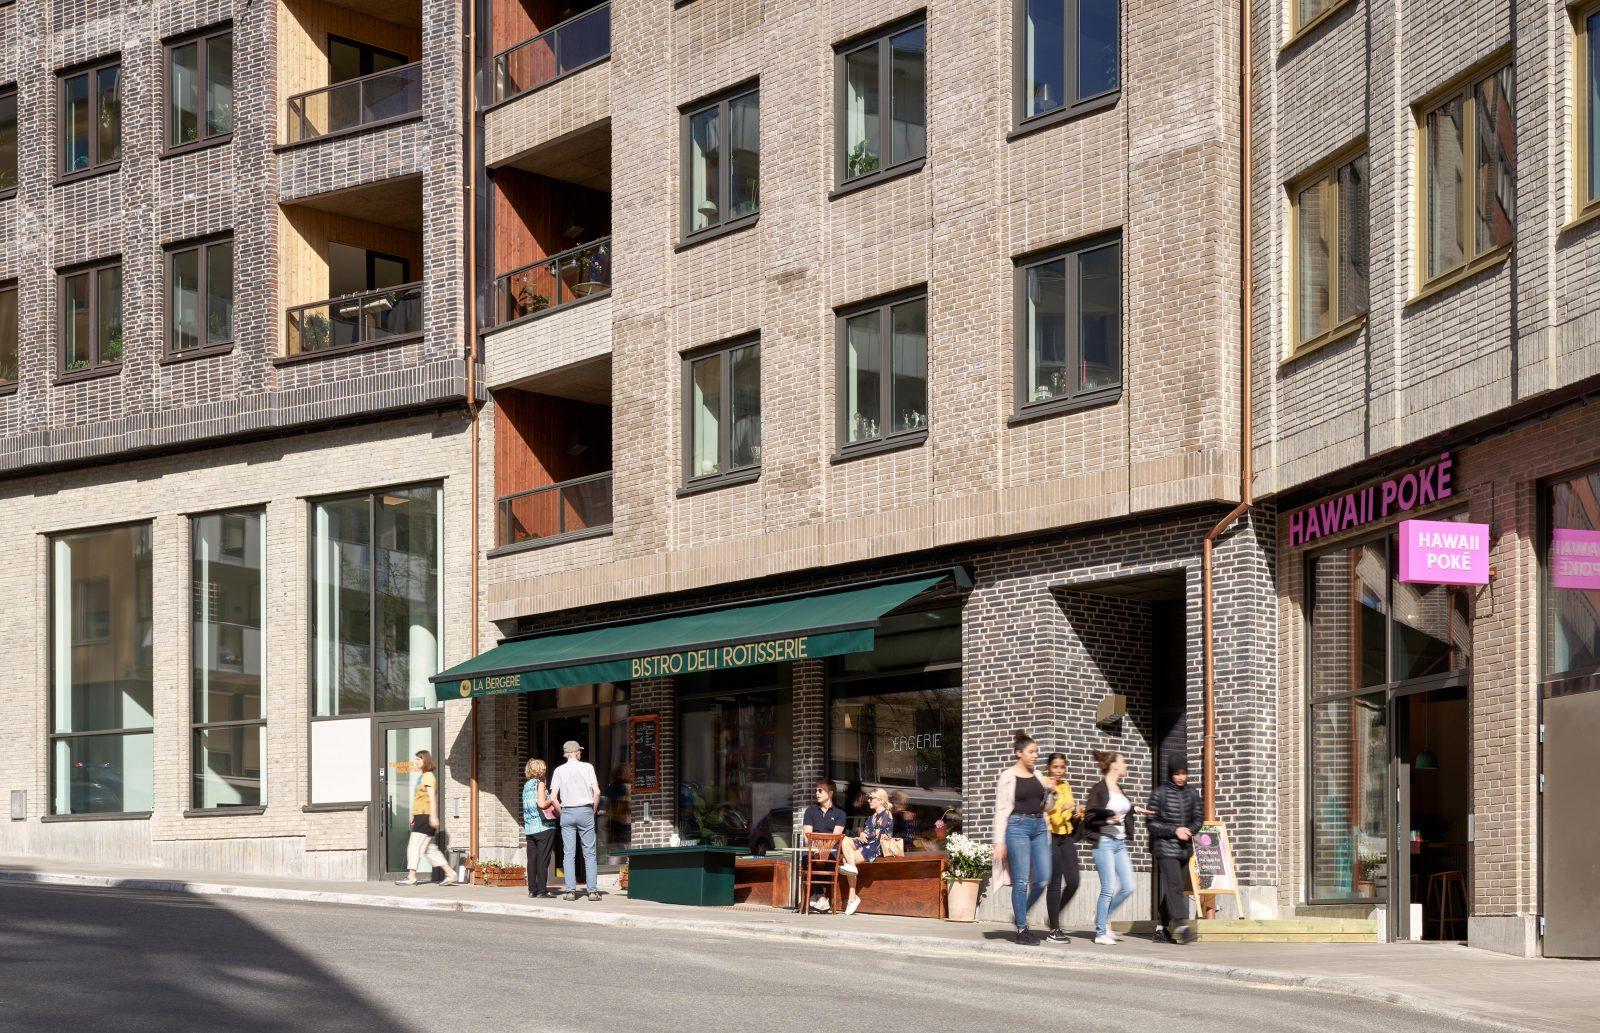 KjellanderSjoberg Etaget retail